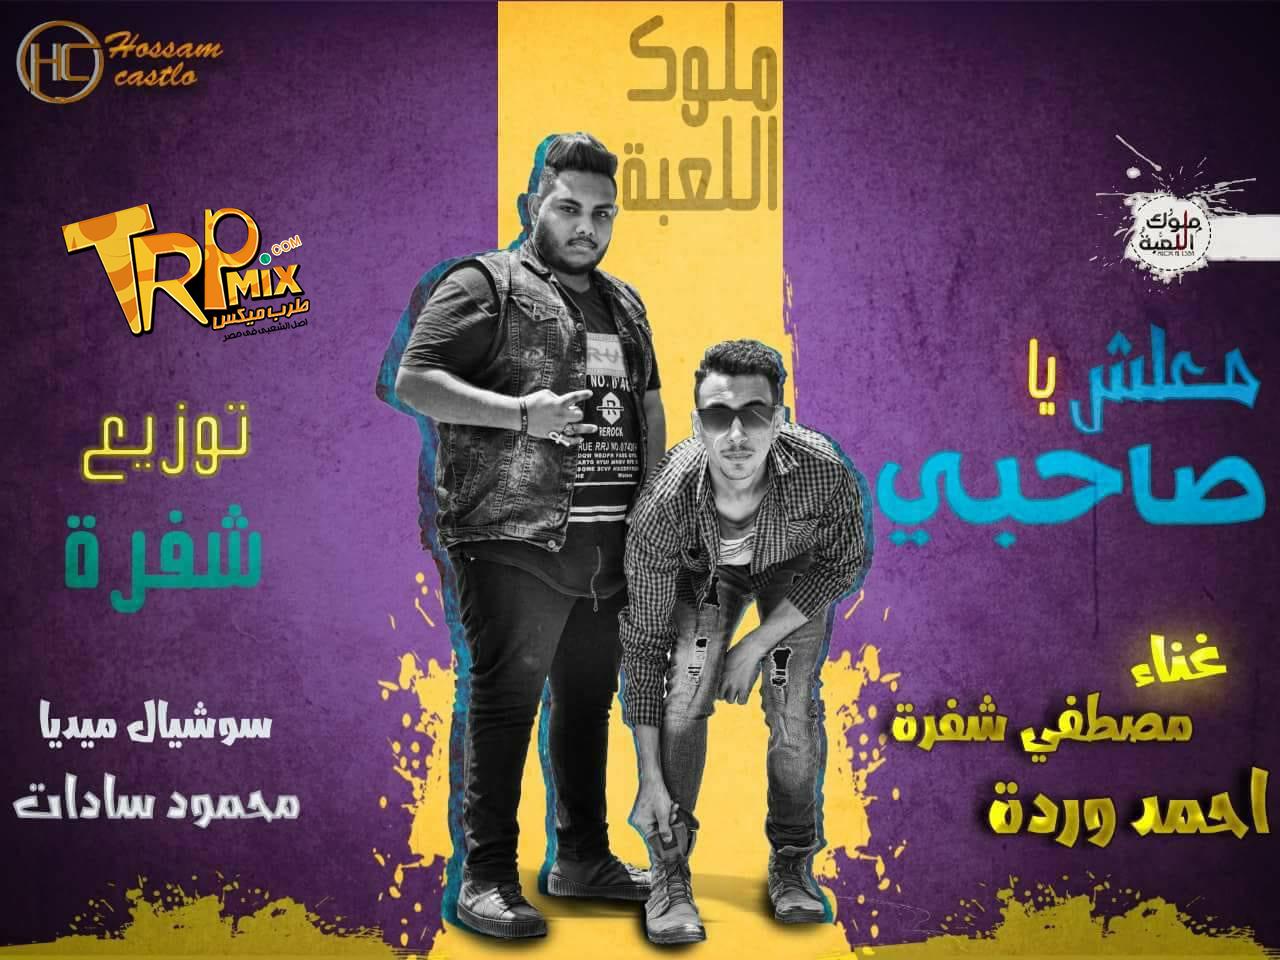 مهرجان معلش يا صاحبي غناء مصطفي شفرة و احمد وردة 2018 برعاية طرب ميكس